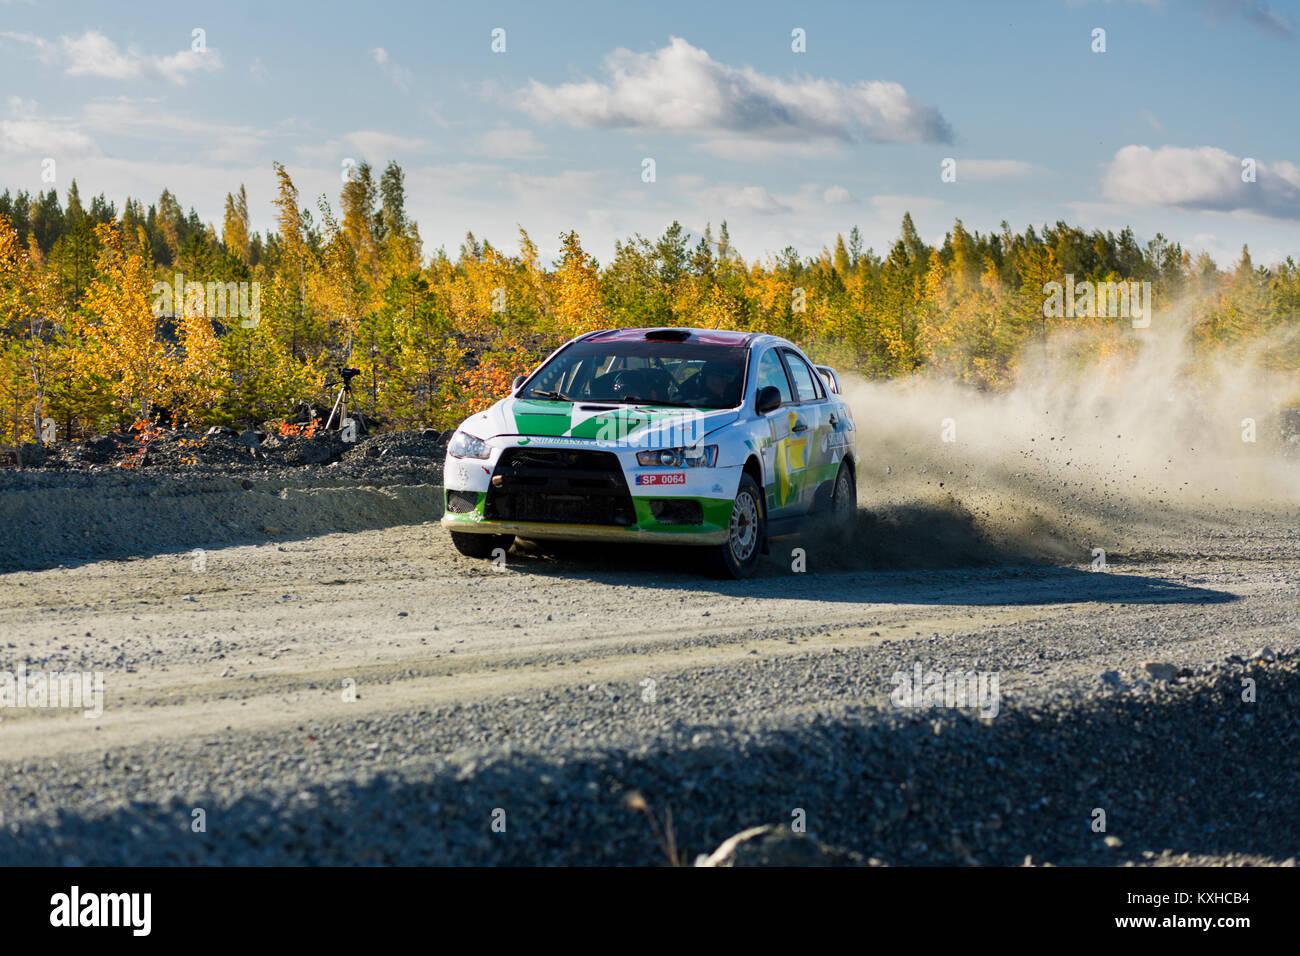 Asbest, Russland, September 17, 2017 - 16 Phase der Russischen Cup 2017 Rallye 2017 tilobite', Auto Mitsubishi Stockbild